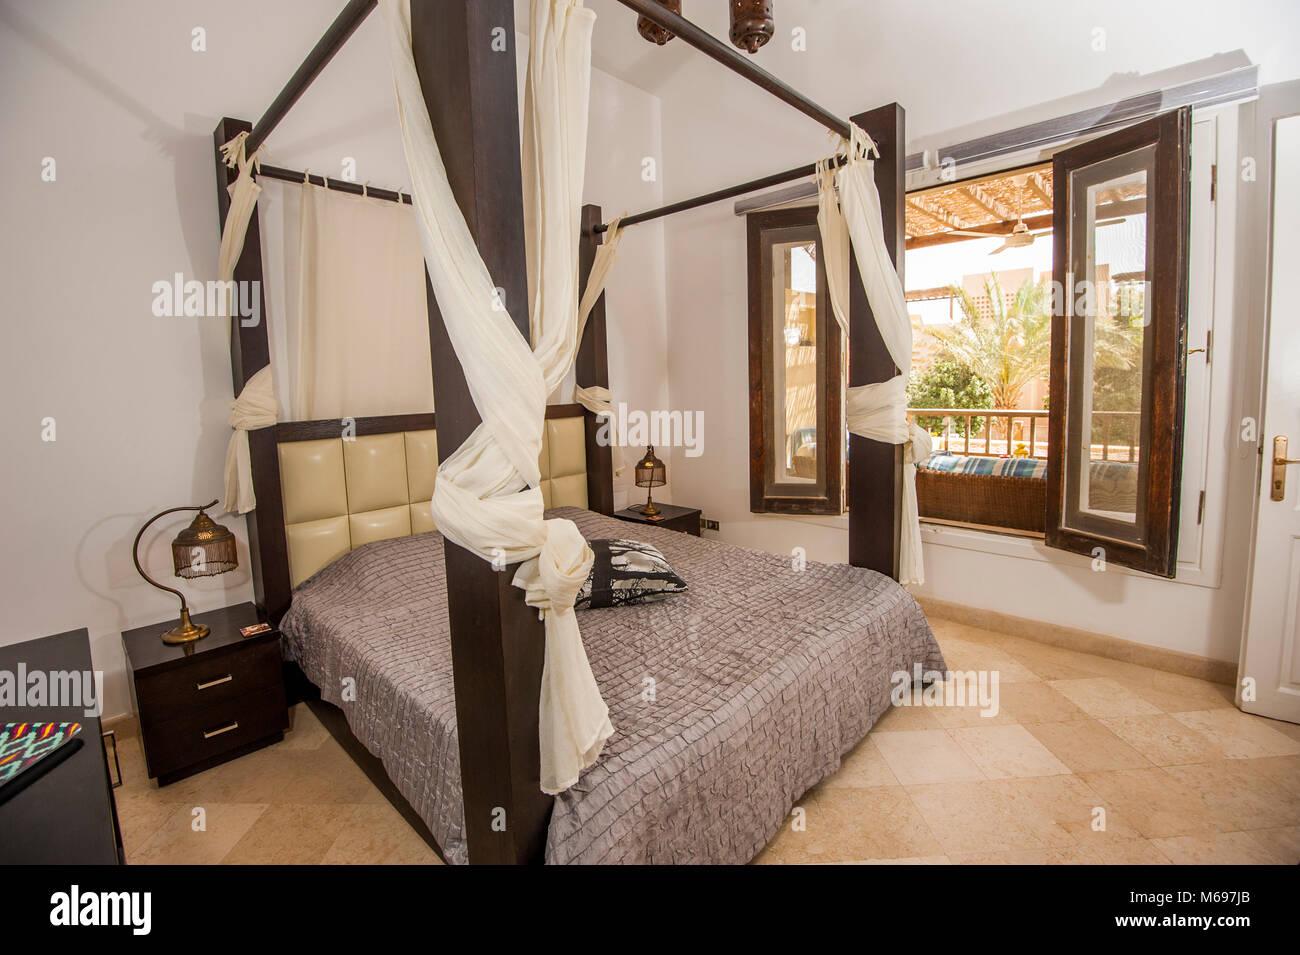 Interior Design Einrichtung Einrichtung Von Luxus Zeigen Home Tropical  Villa Schlafzimmer Mit Himmelbett Und Gartenblick